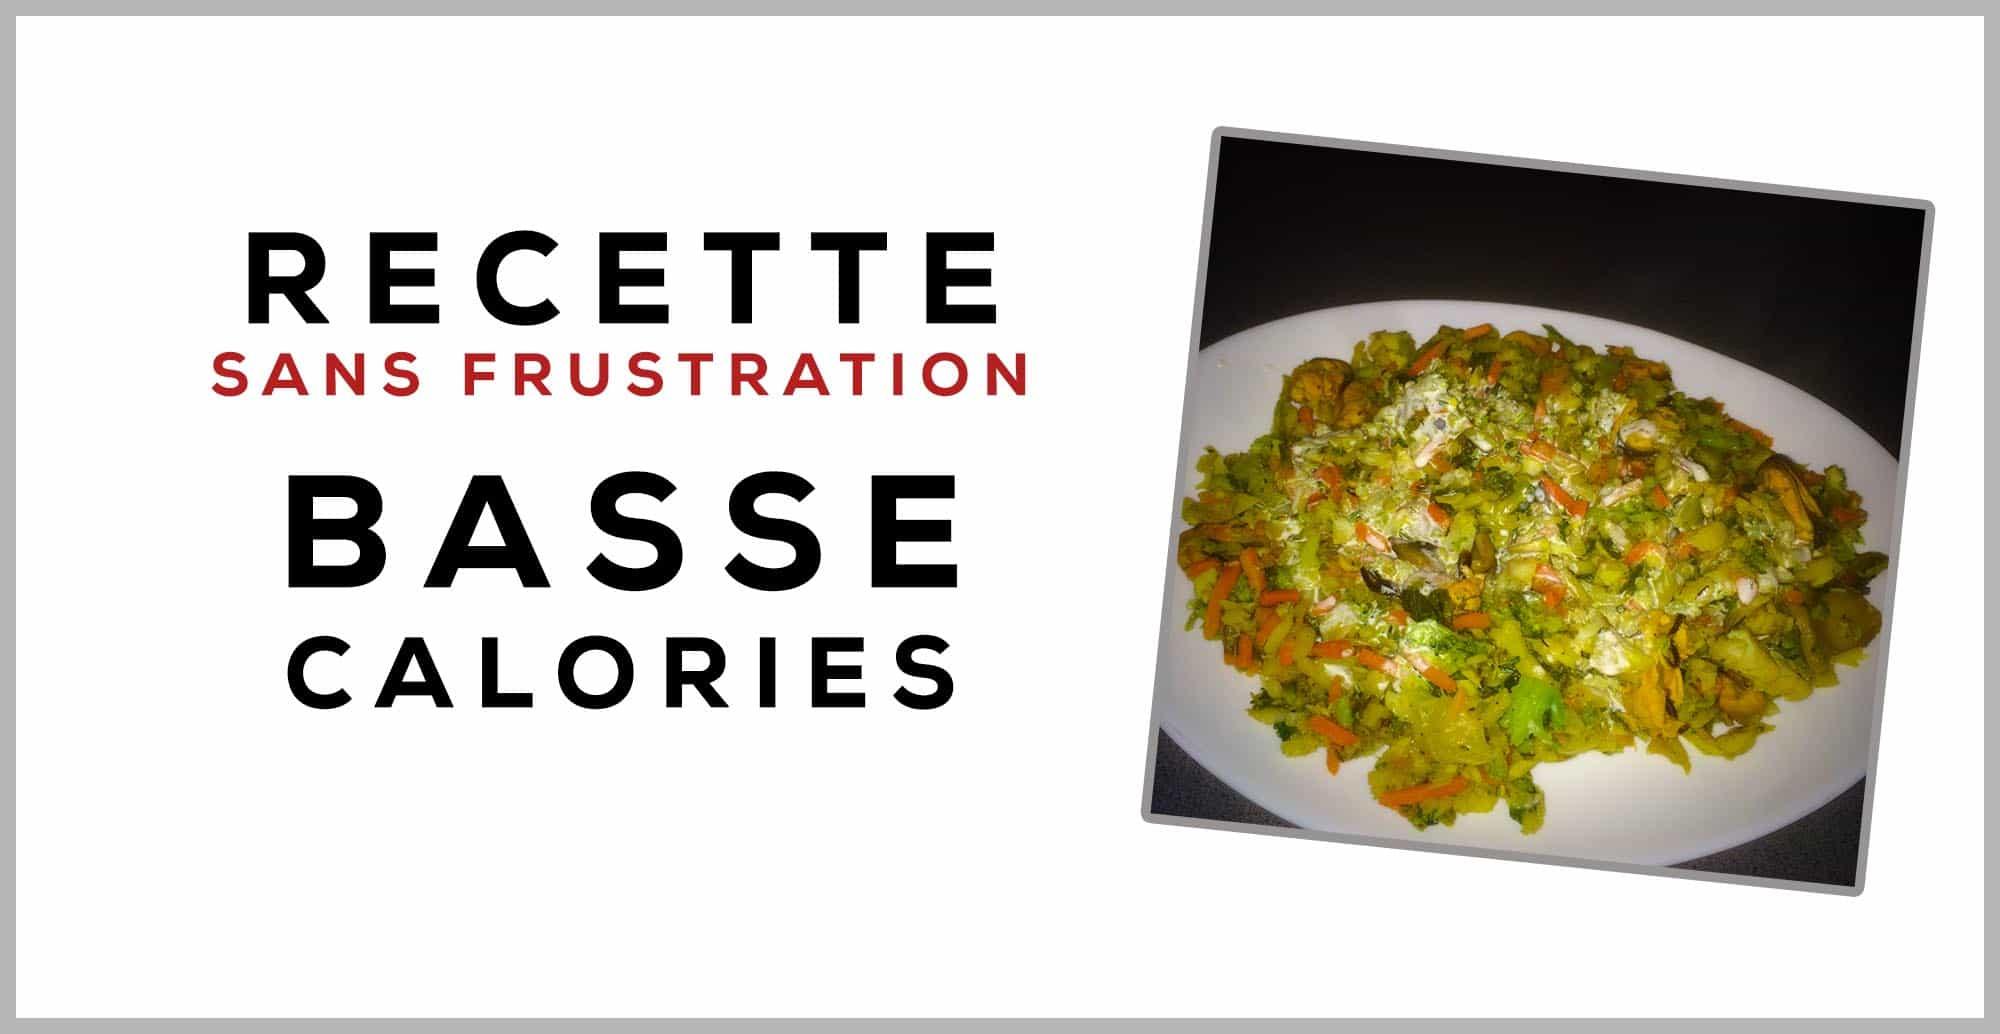 Mélange poisson, moules et légumes en sauce et bas en calories